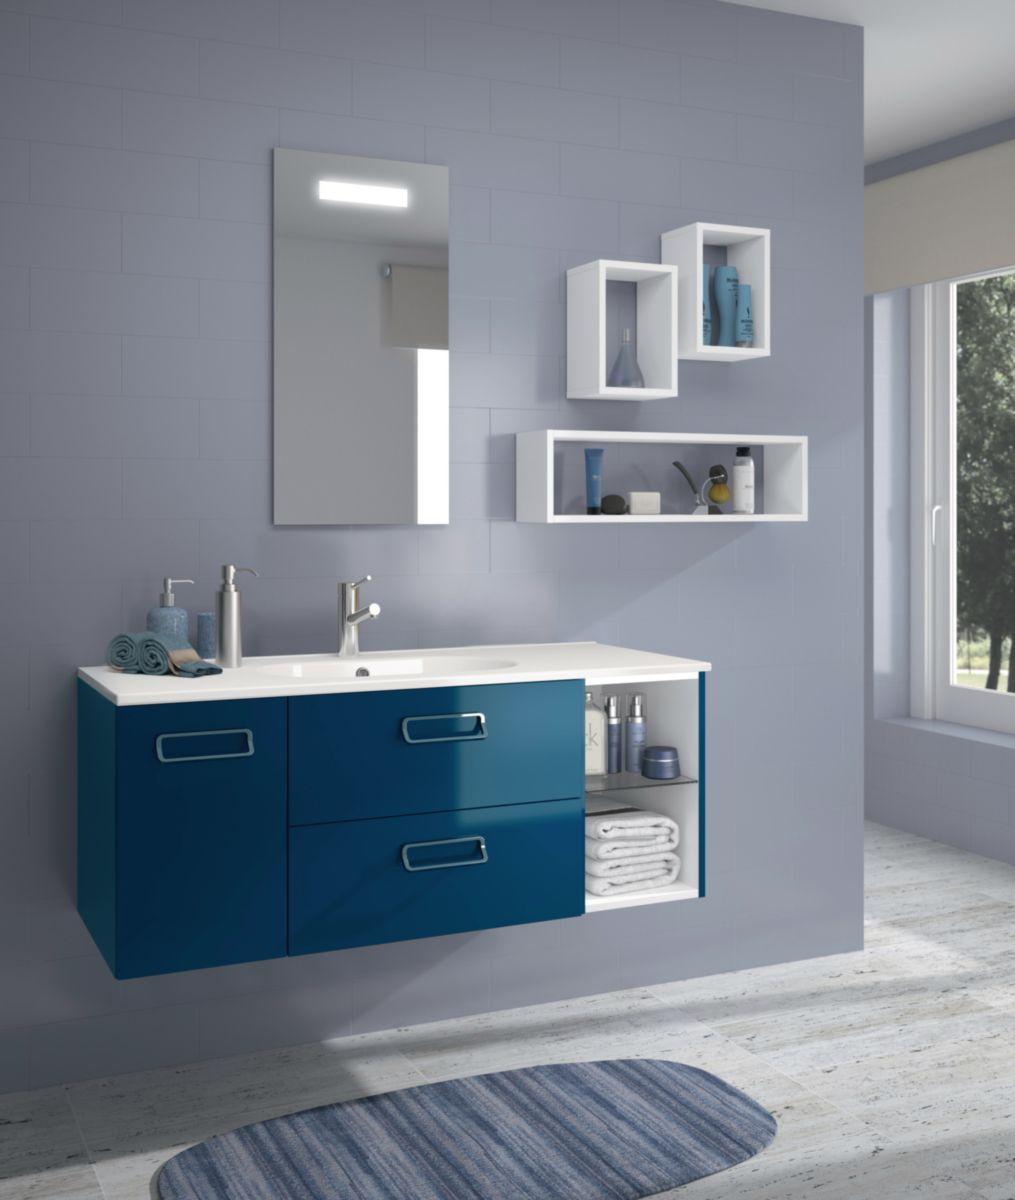 ALTERNA - Plan céramique 120 cm Seducta 2 blanc 1 vasque centrée | Cedeo